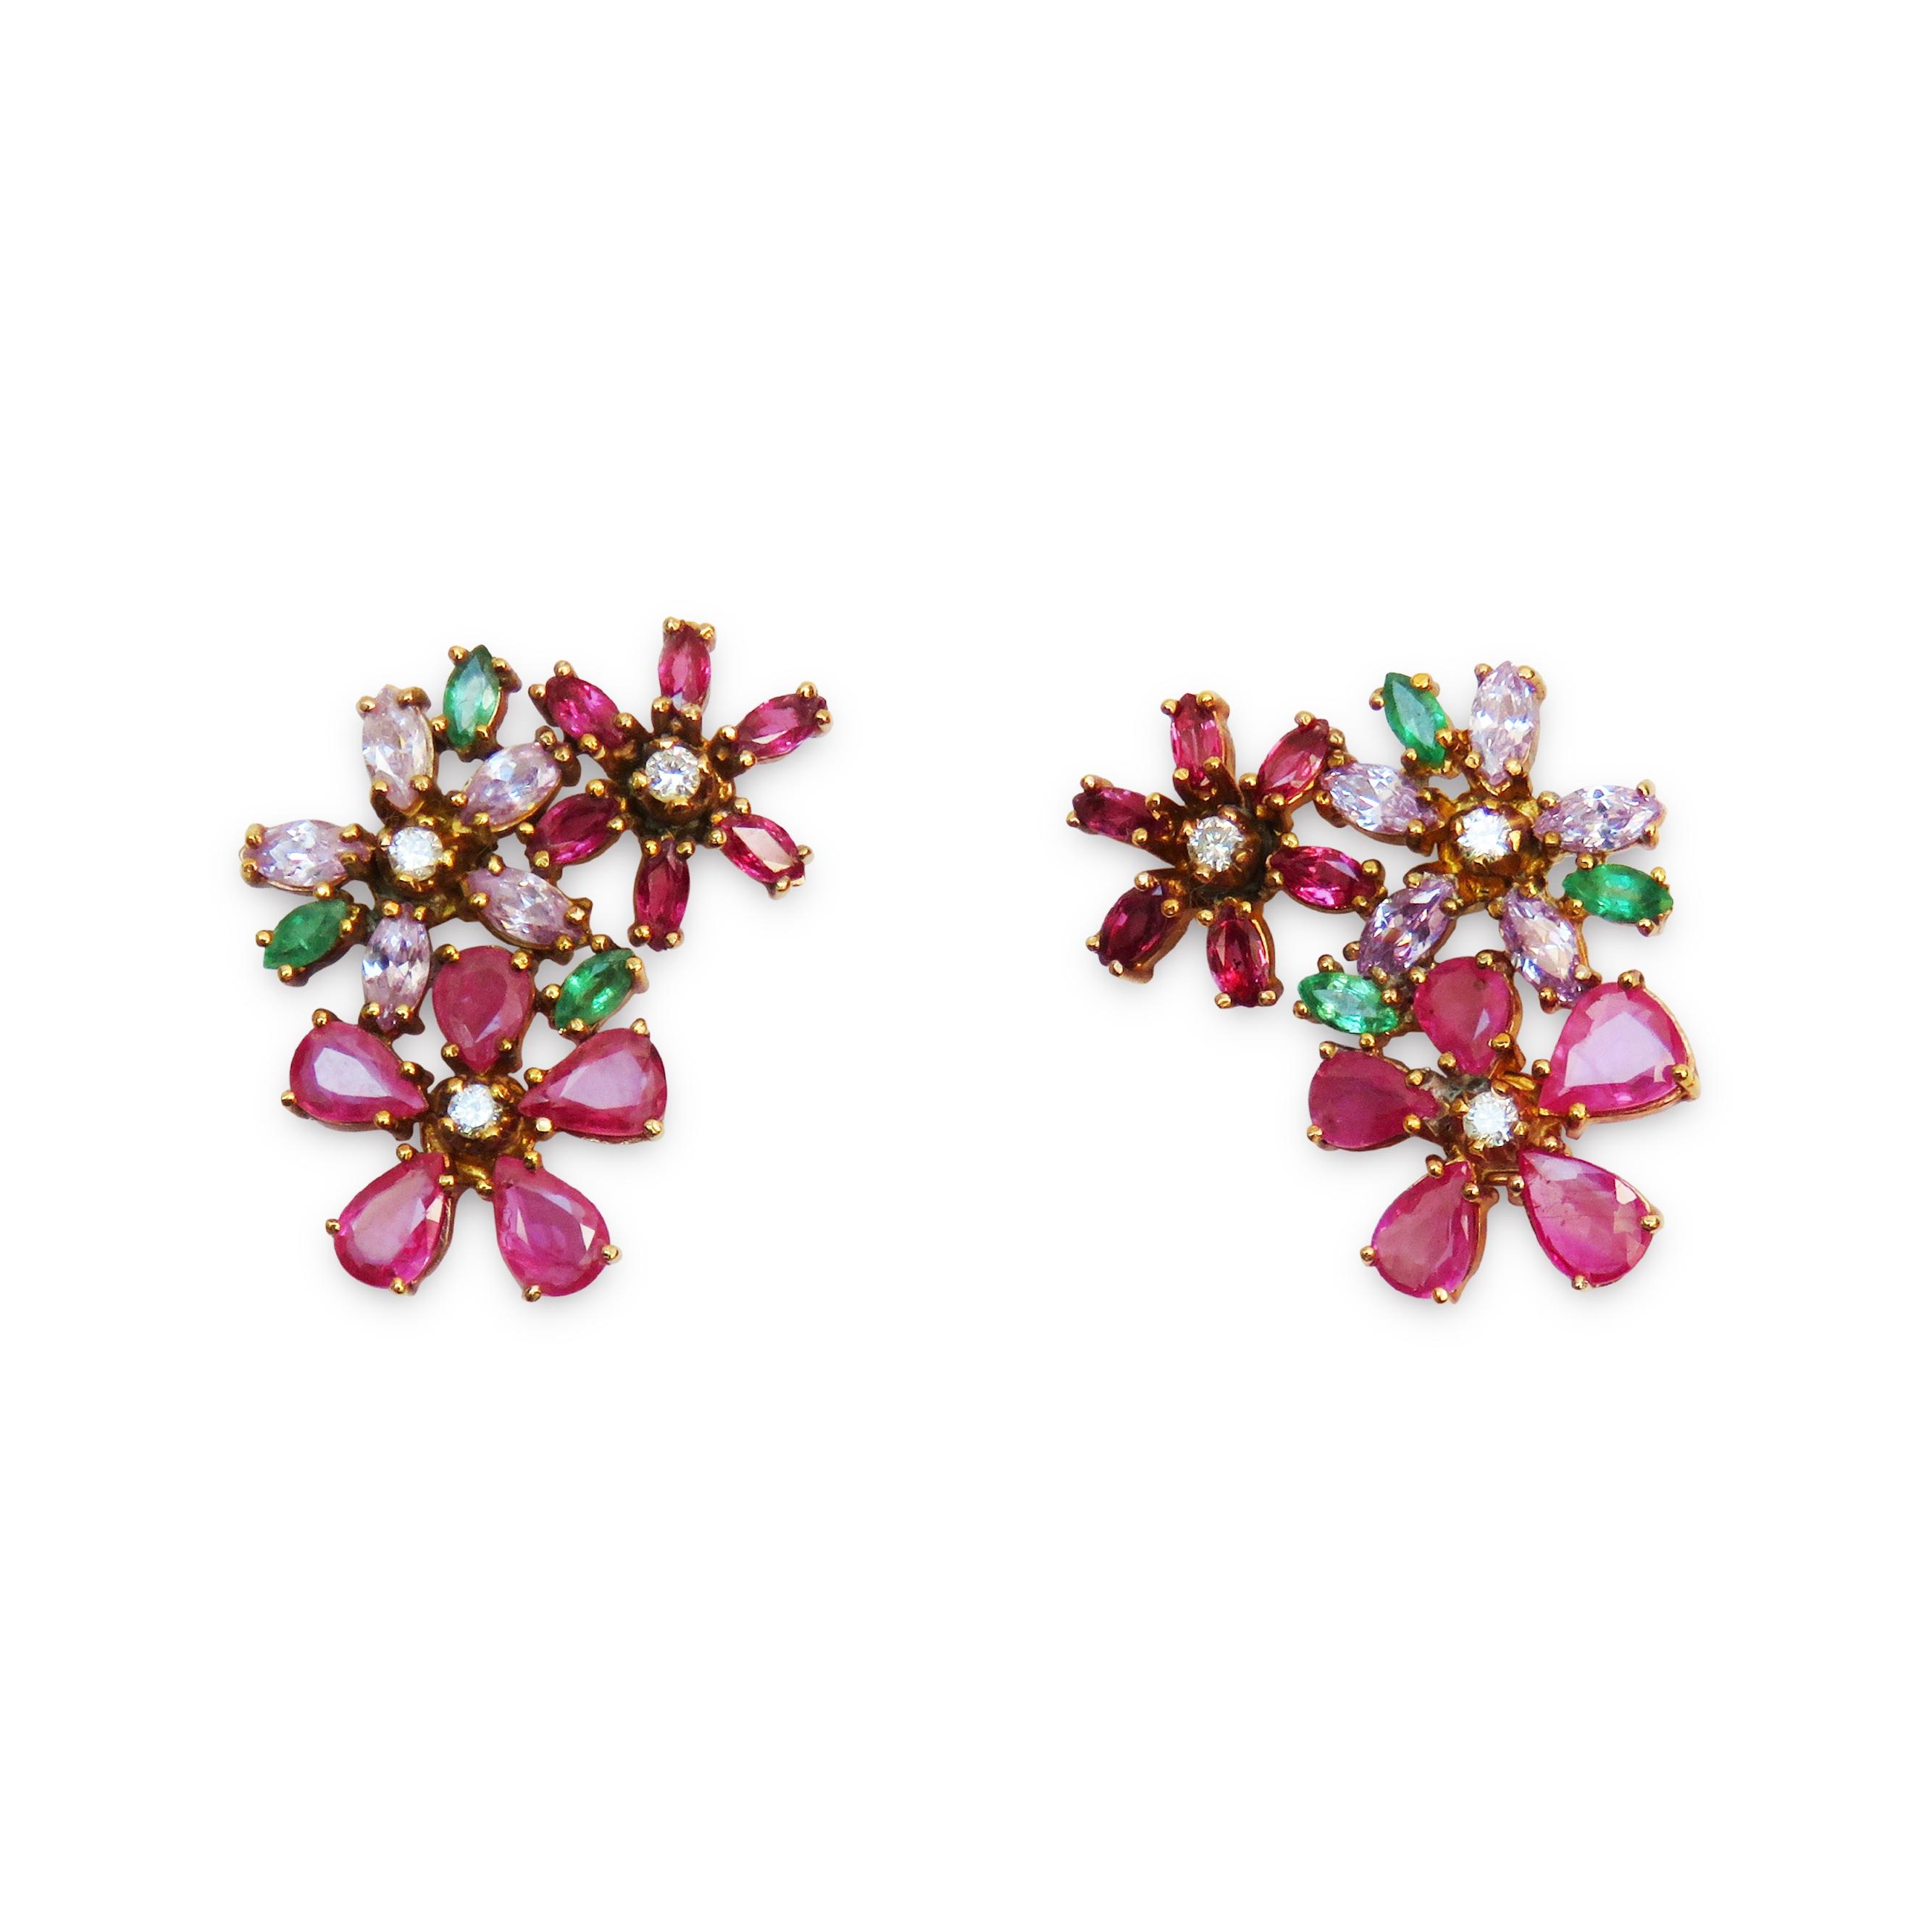 ISABEL ENGLEBERT Delilah Flower Earrings